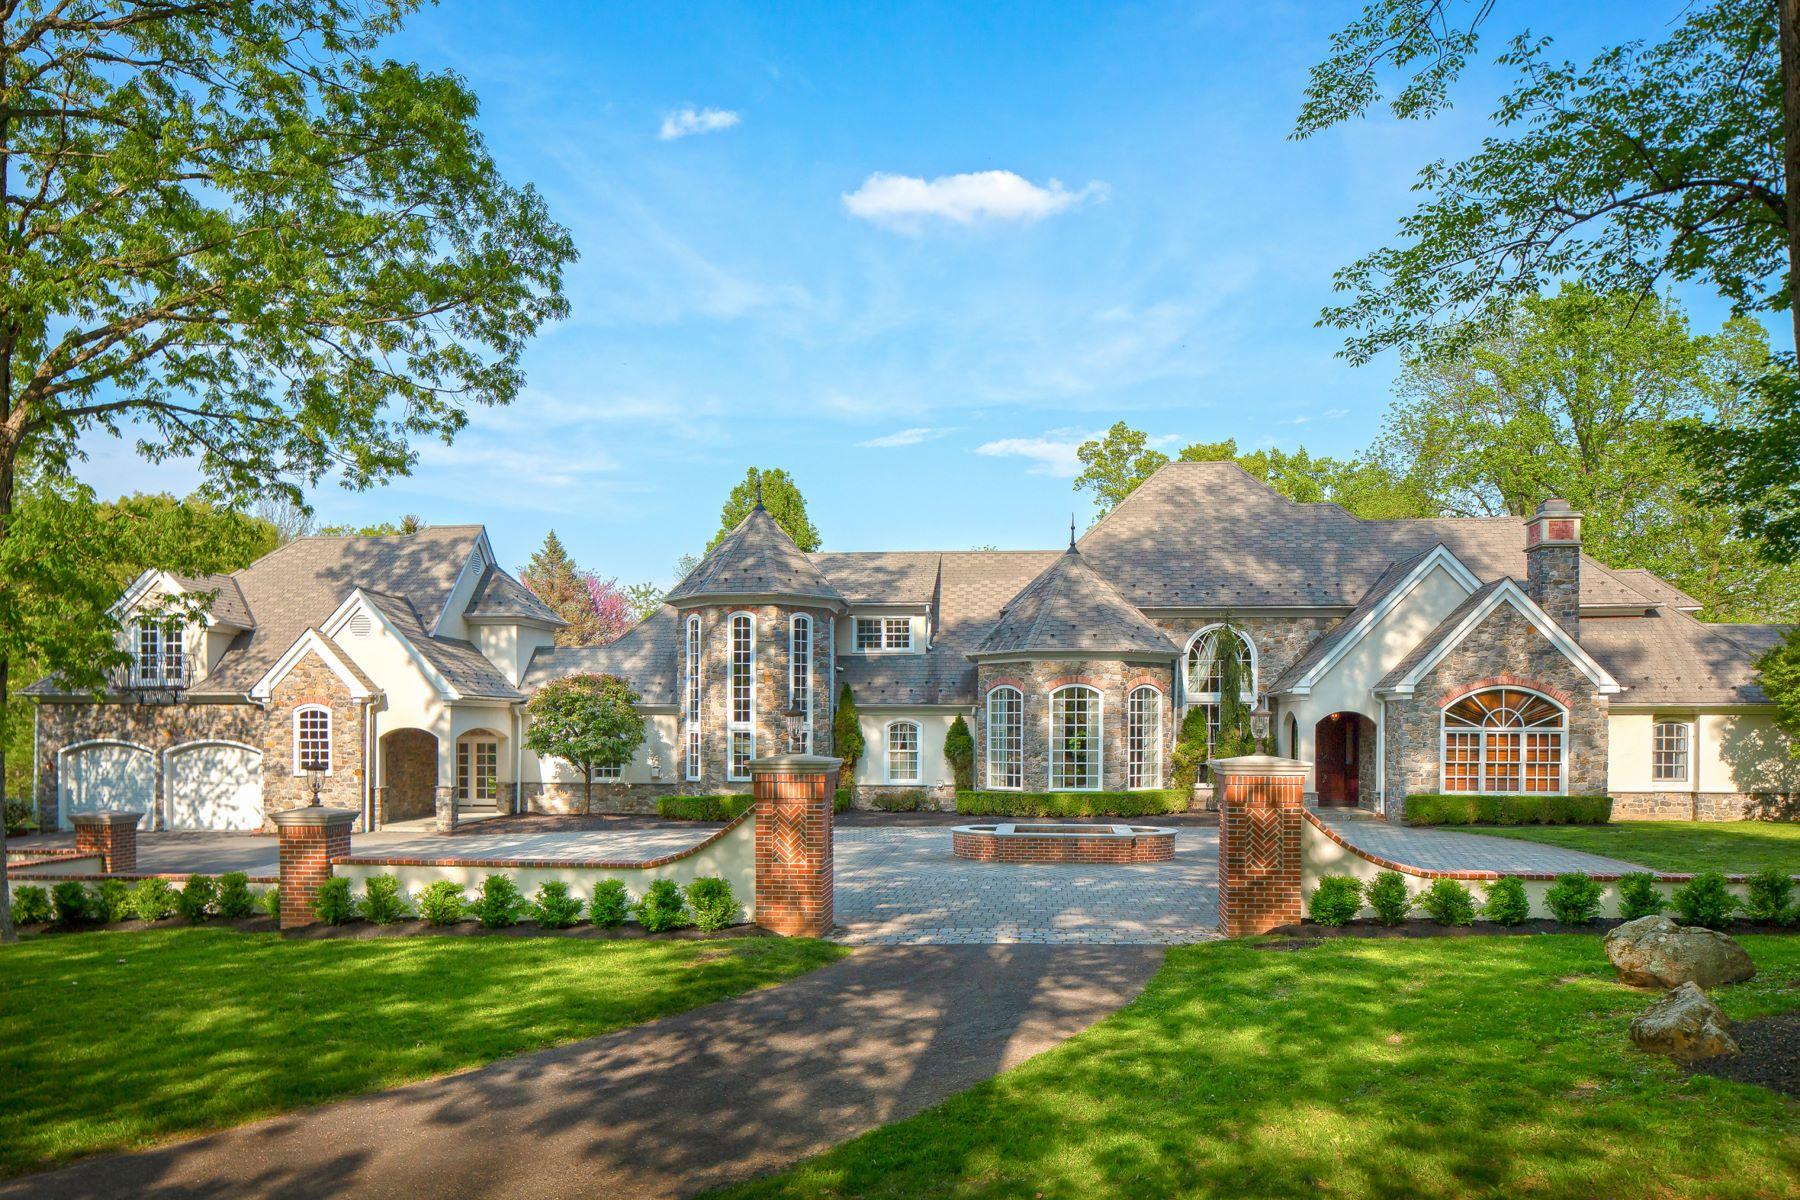 独户住宅 为 出租 在 3728 Windy Bush Rd 新希望镇, 宾夕法尼亚州 18938 美国